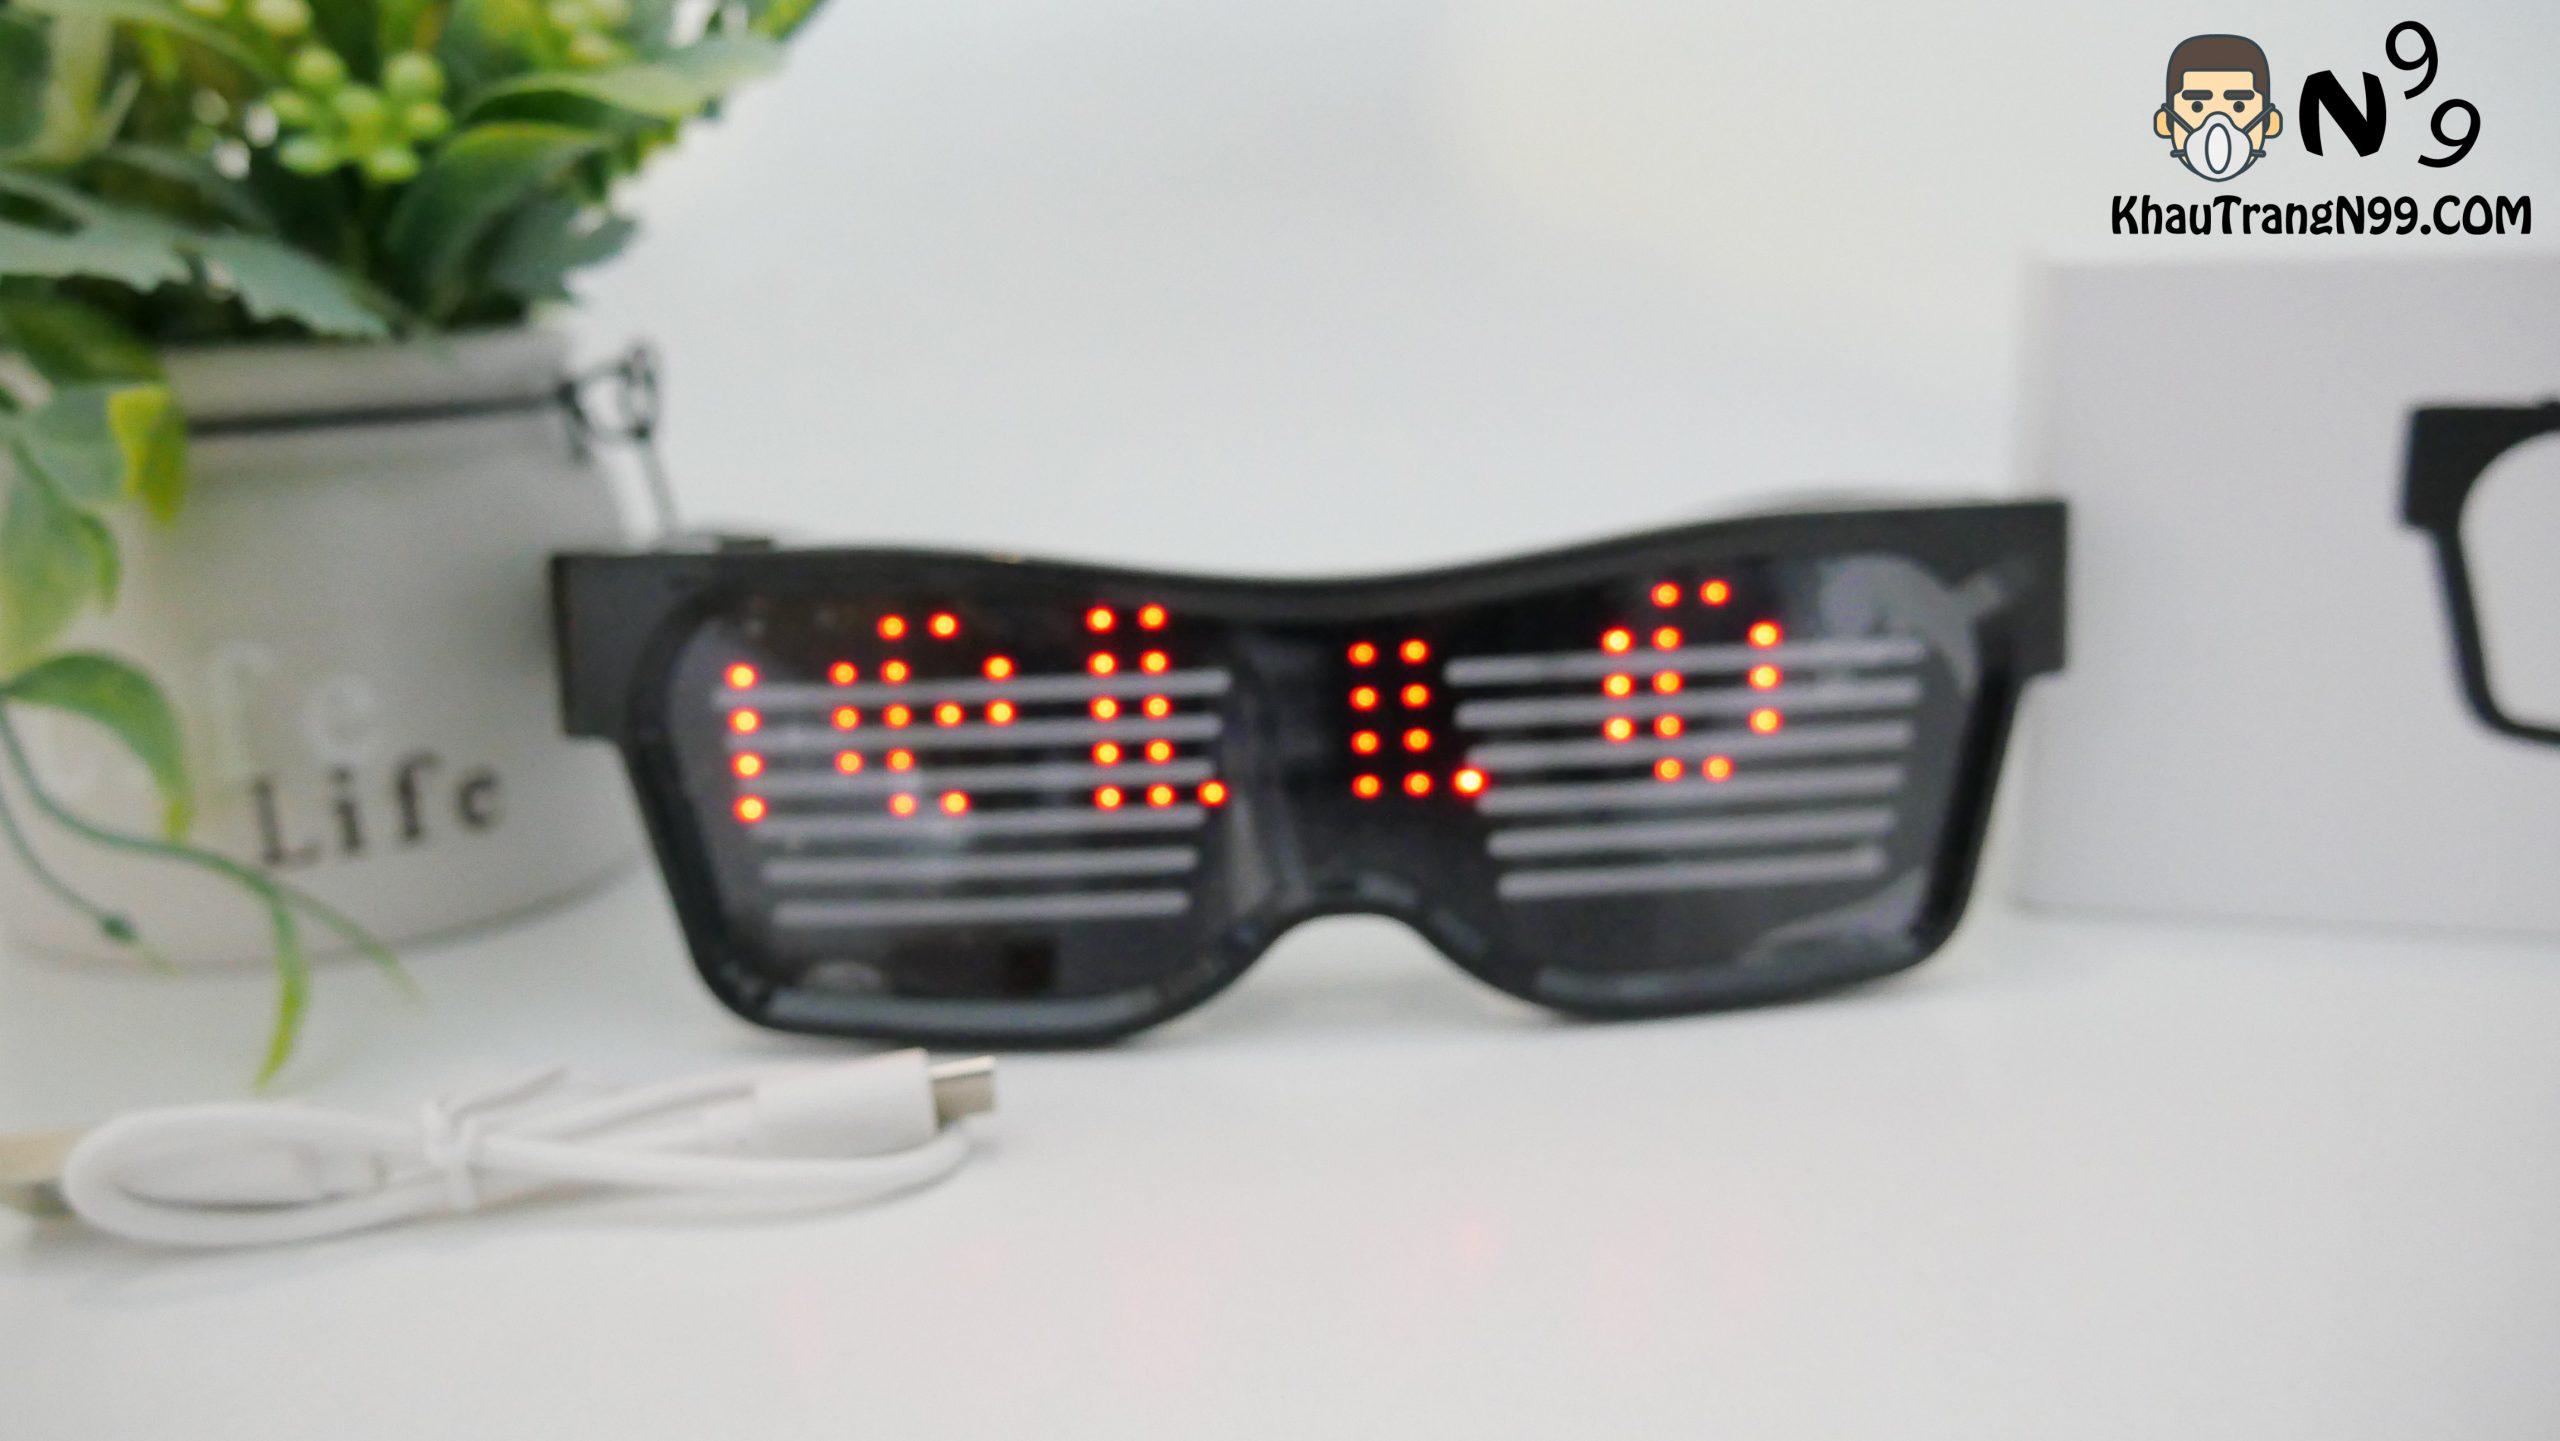 Mắt kính led chạy chữ trong party